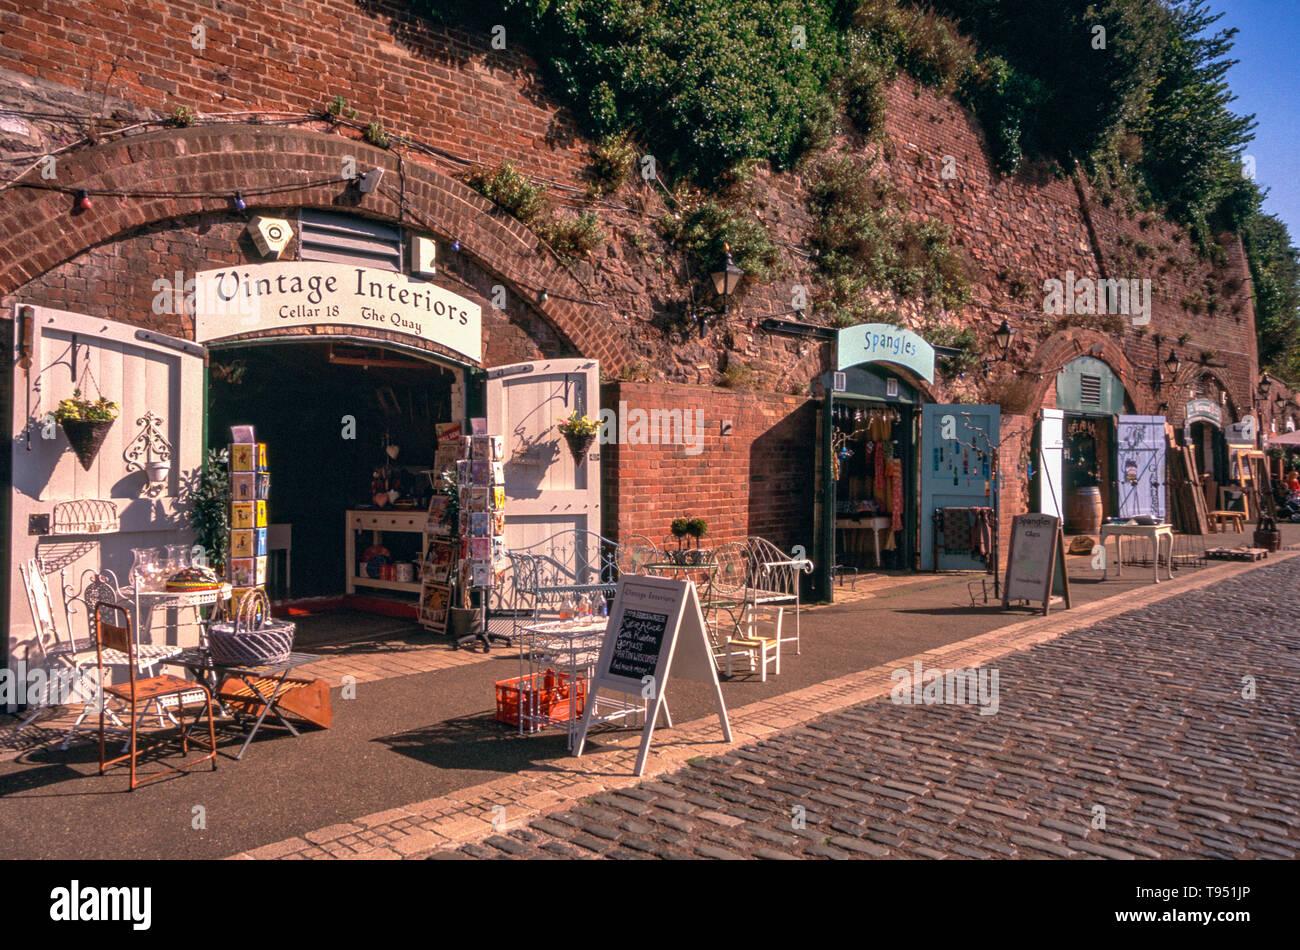 Détail d'une boutique artisanale à la caves historiques sur une après-midi ensoleillée d'automne, film dia Fujichrome (Image numérisée), Quai d'Exeter, Exeter, Devon. Photo Stock